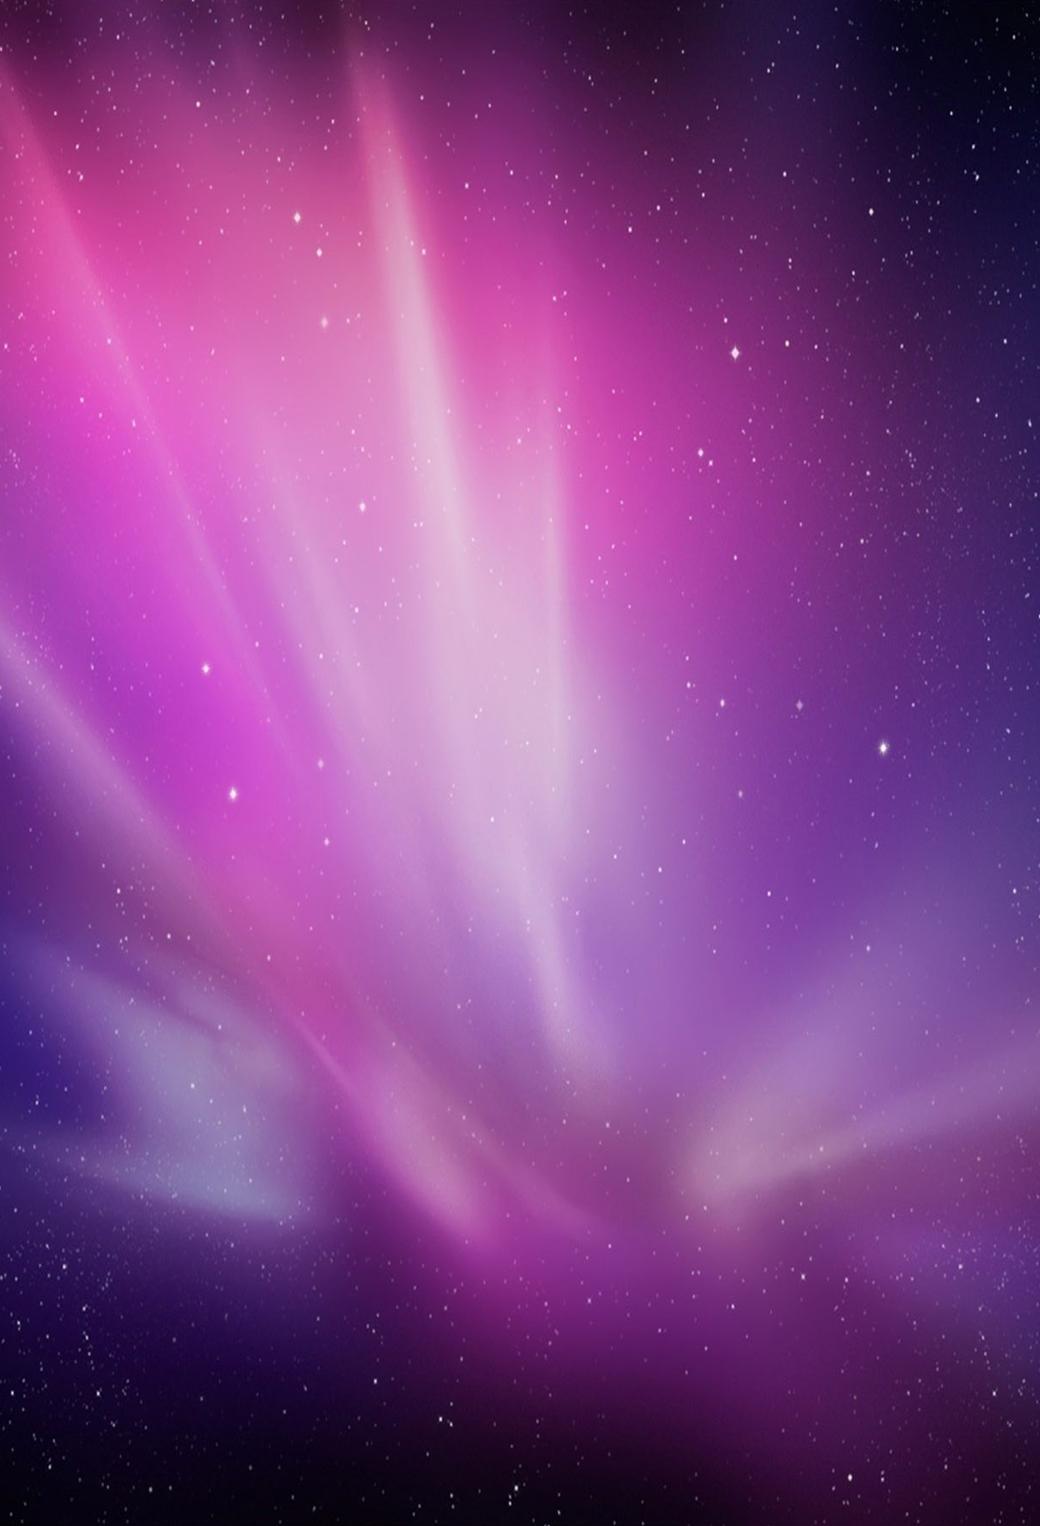 De 30 mooiste iOS 7 parallax wallpapers voor iPhone - iPhone 5